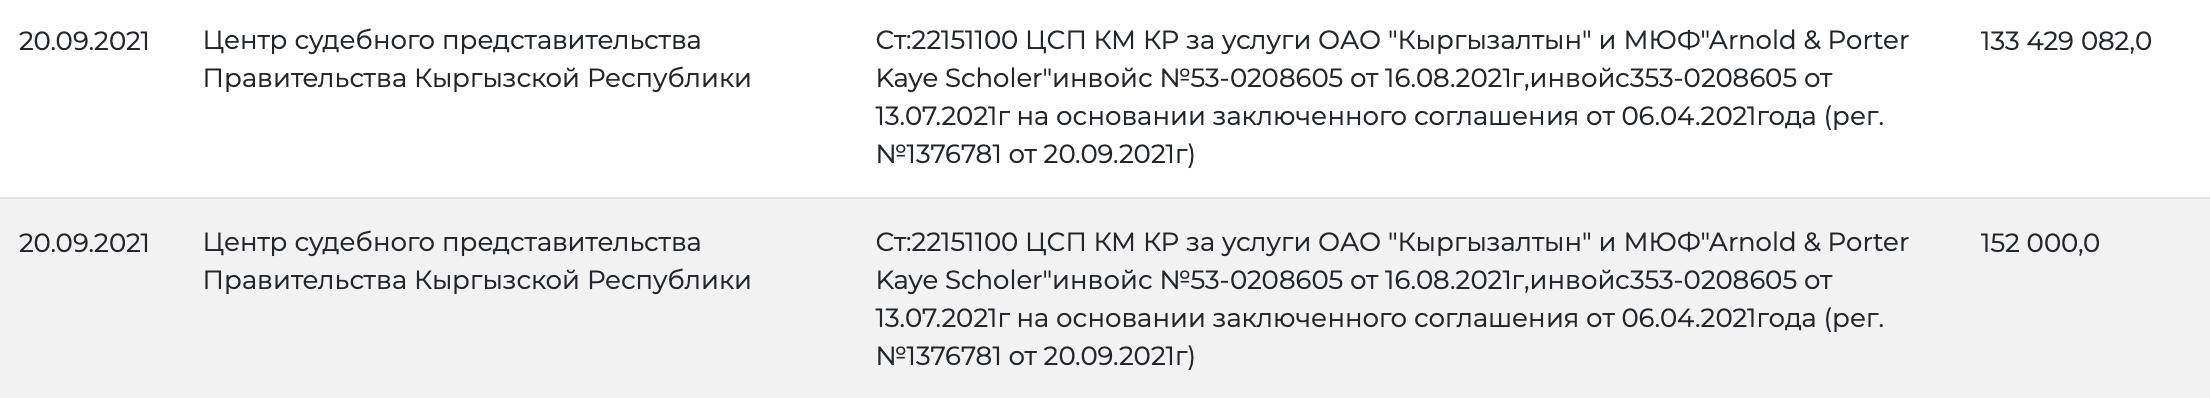 Кыргызстан оплатил услуги юристов по судебным разбирательствам с Centerra Gold на 133 млн сомов